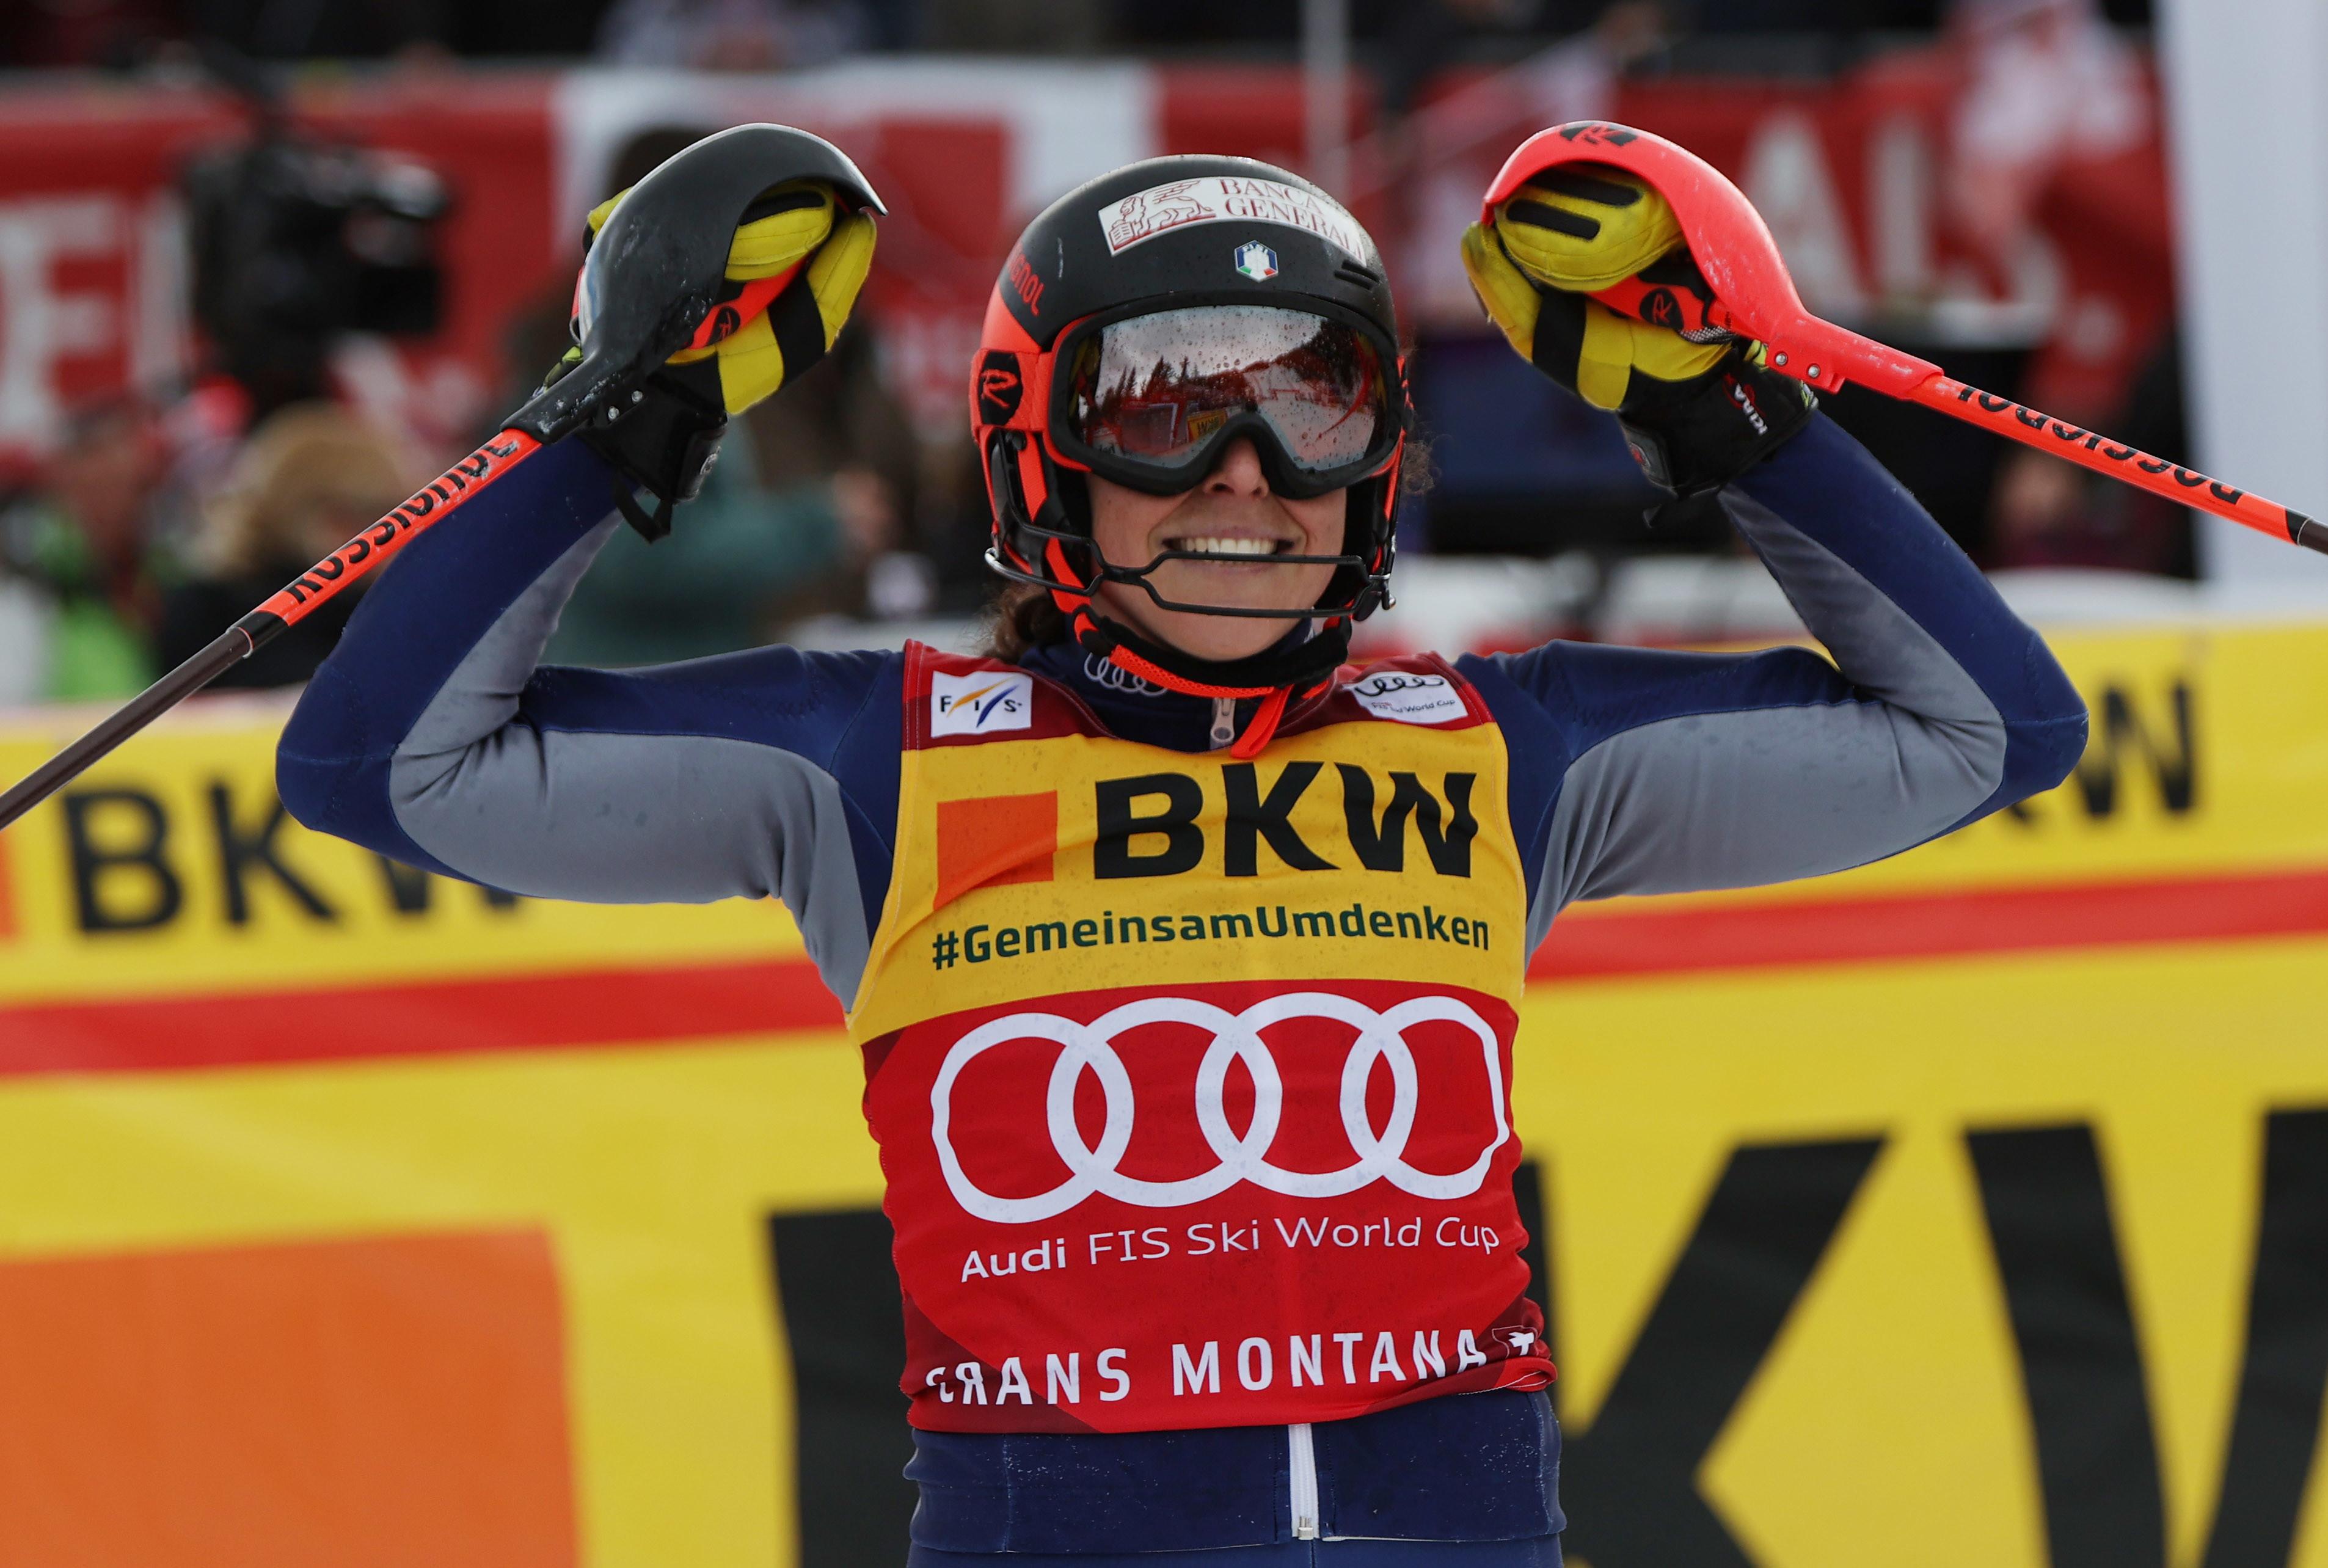 La Brignone vince la combinata di Crans Montana e diventa la nuova leader nella generale.